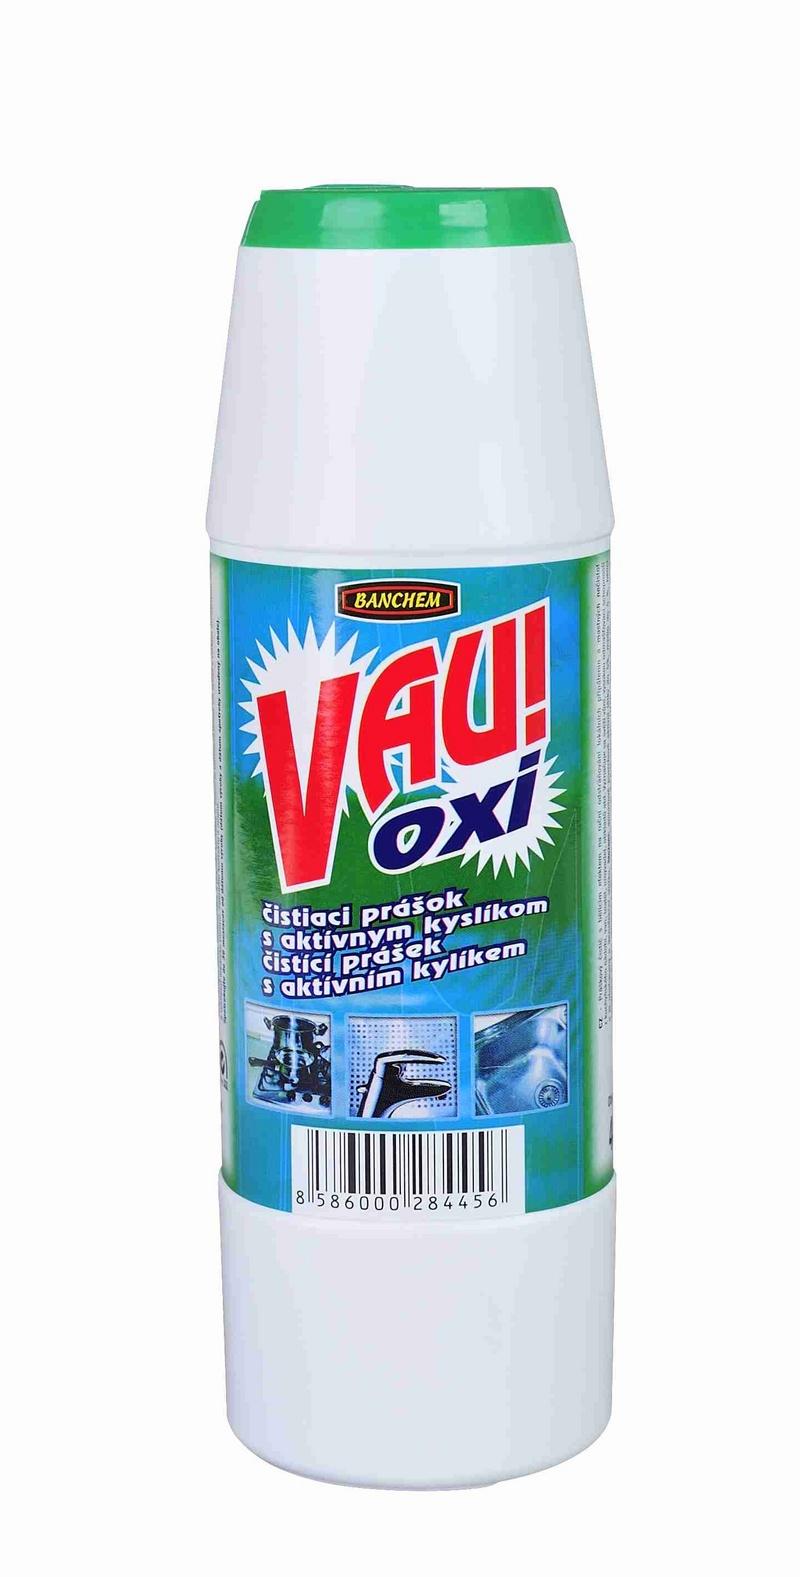 VAU! OXI 400g dezinfekční sypký prášek